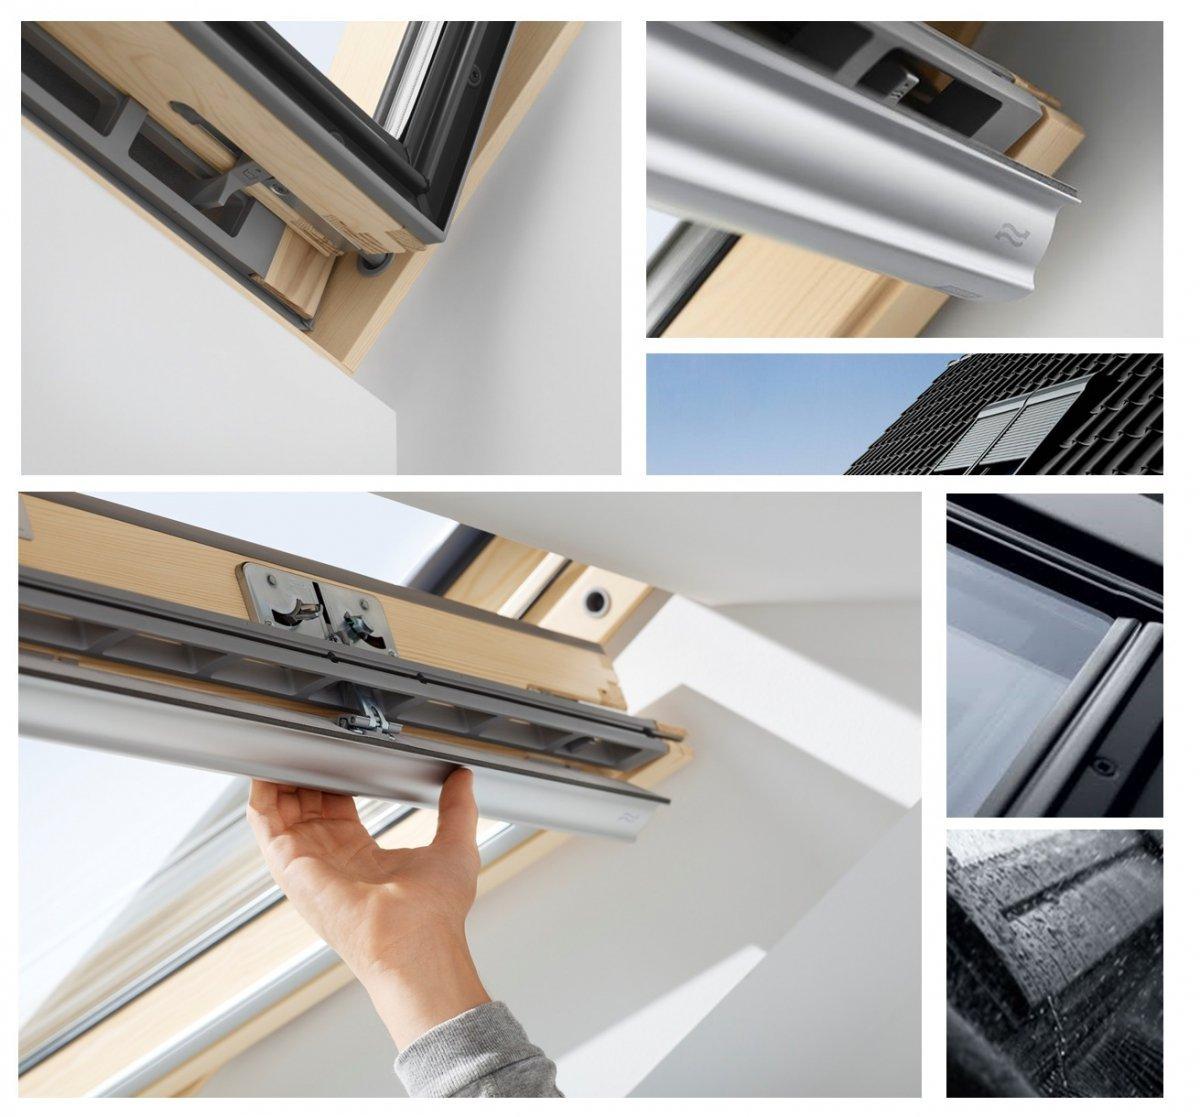 velux dachfenster gzl 1051 aus holz schwingfenster uw 1 3 thermo 2 fach veglasung holz klar. Black Bedroom Furniture Sets. Home Design Ideas